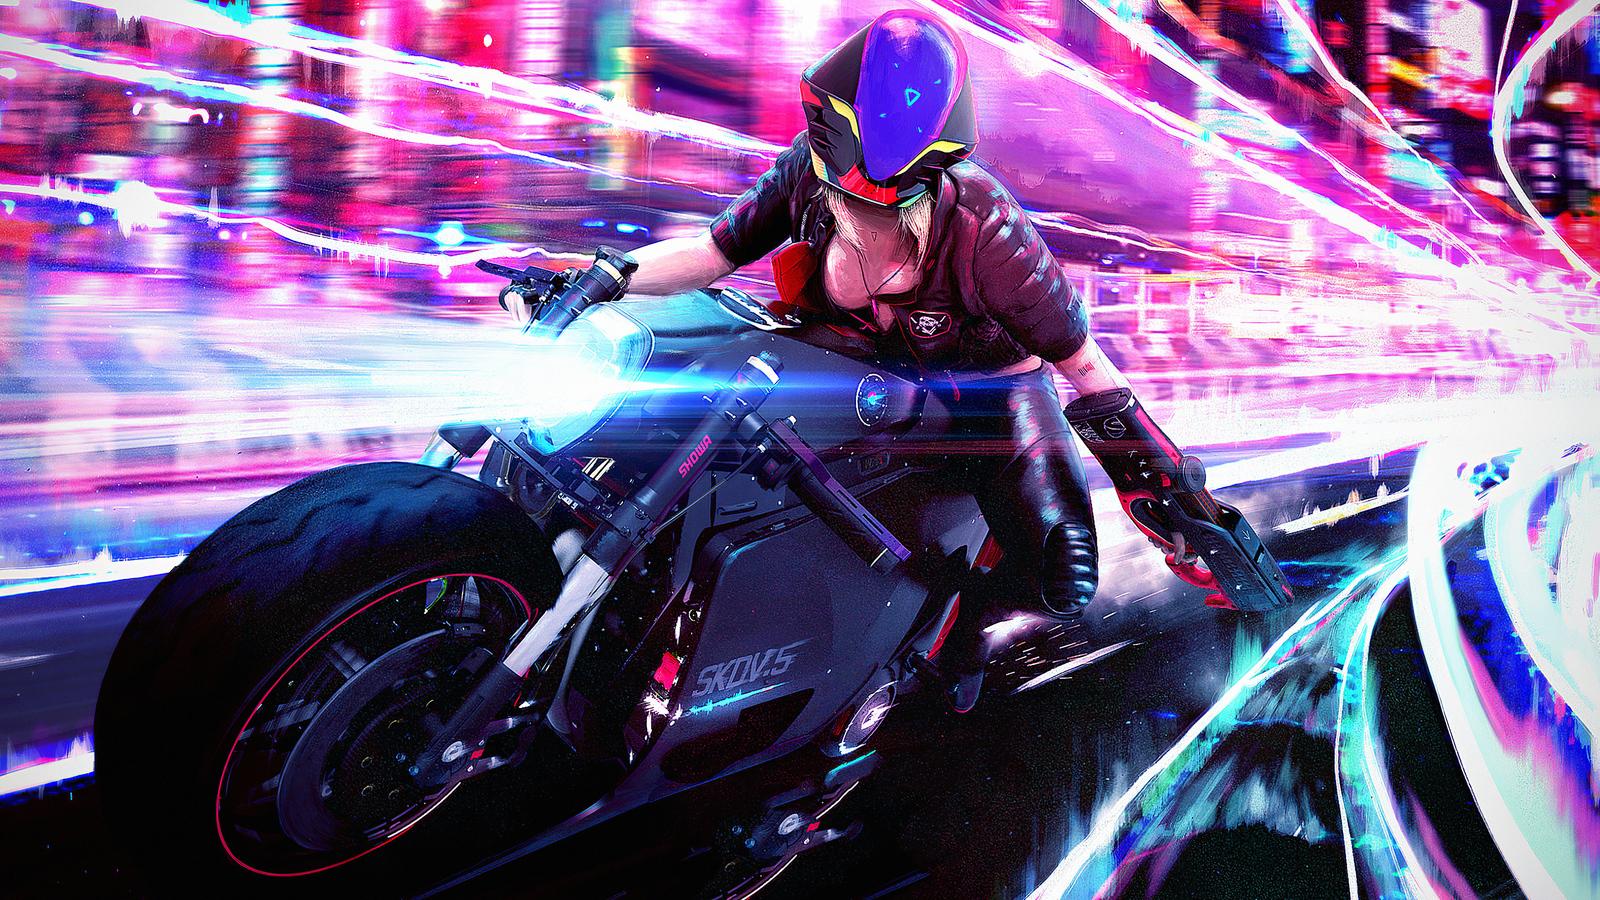 1600x900 Cyberpunk Bike Girl 1600x900 Resolution Hd 4k